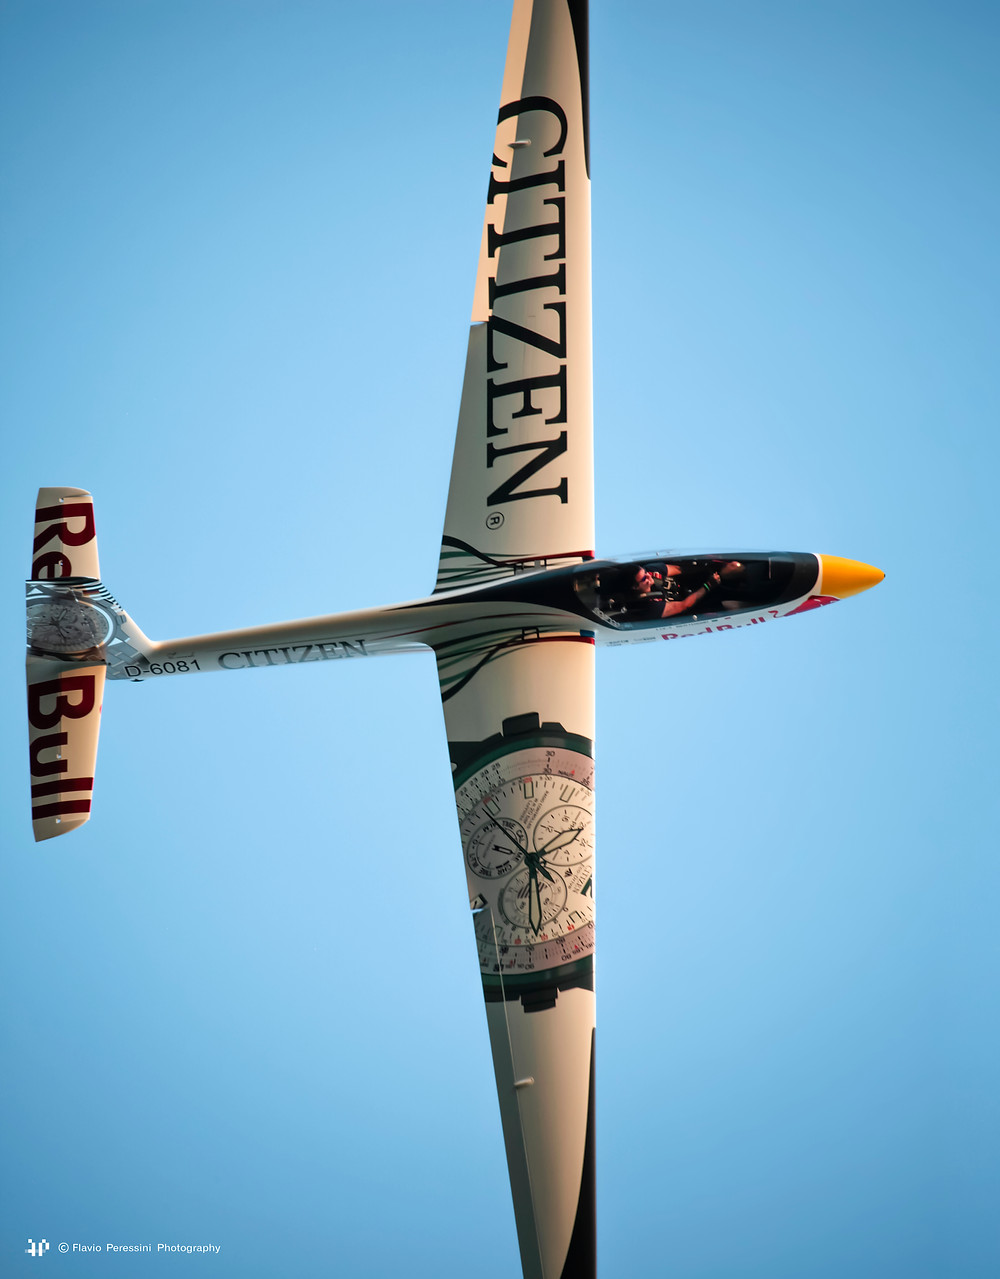 Luca Bertossio, volo acrobatico, VFR Aviation, intervista, acrobazia, aliante, pilota, red bull, citizen, swift